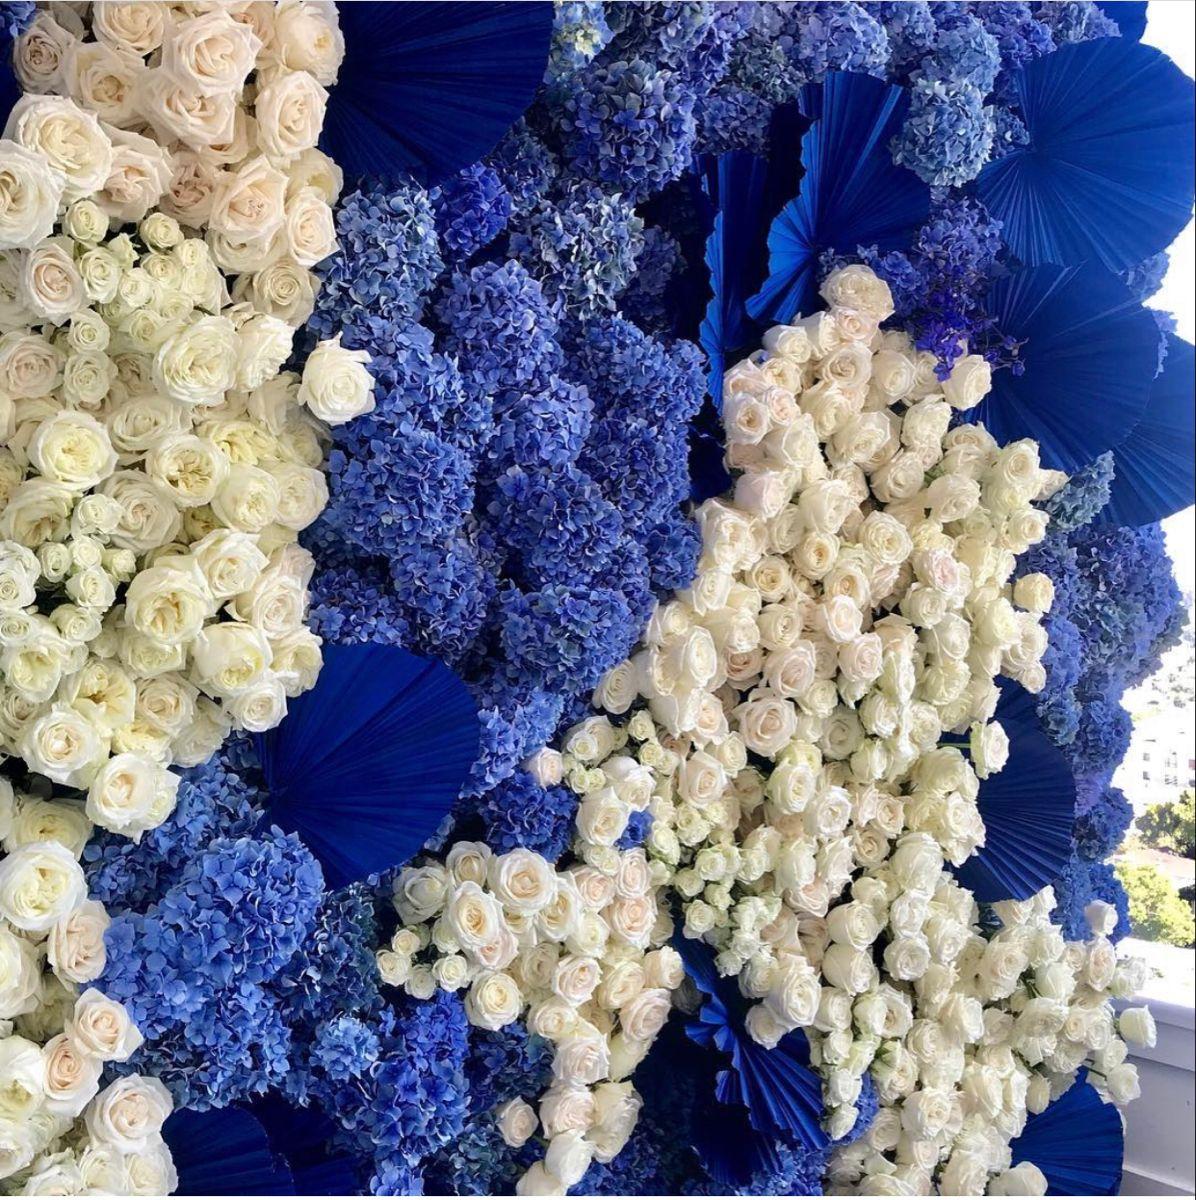 Hydrangea In 2020 Flowers For Sale Hydrangea Flower Unique Flowers